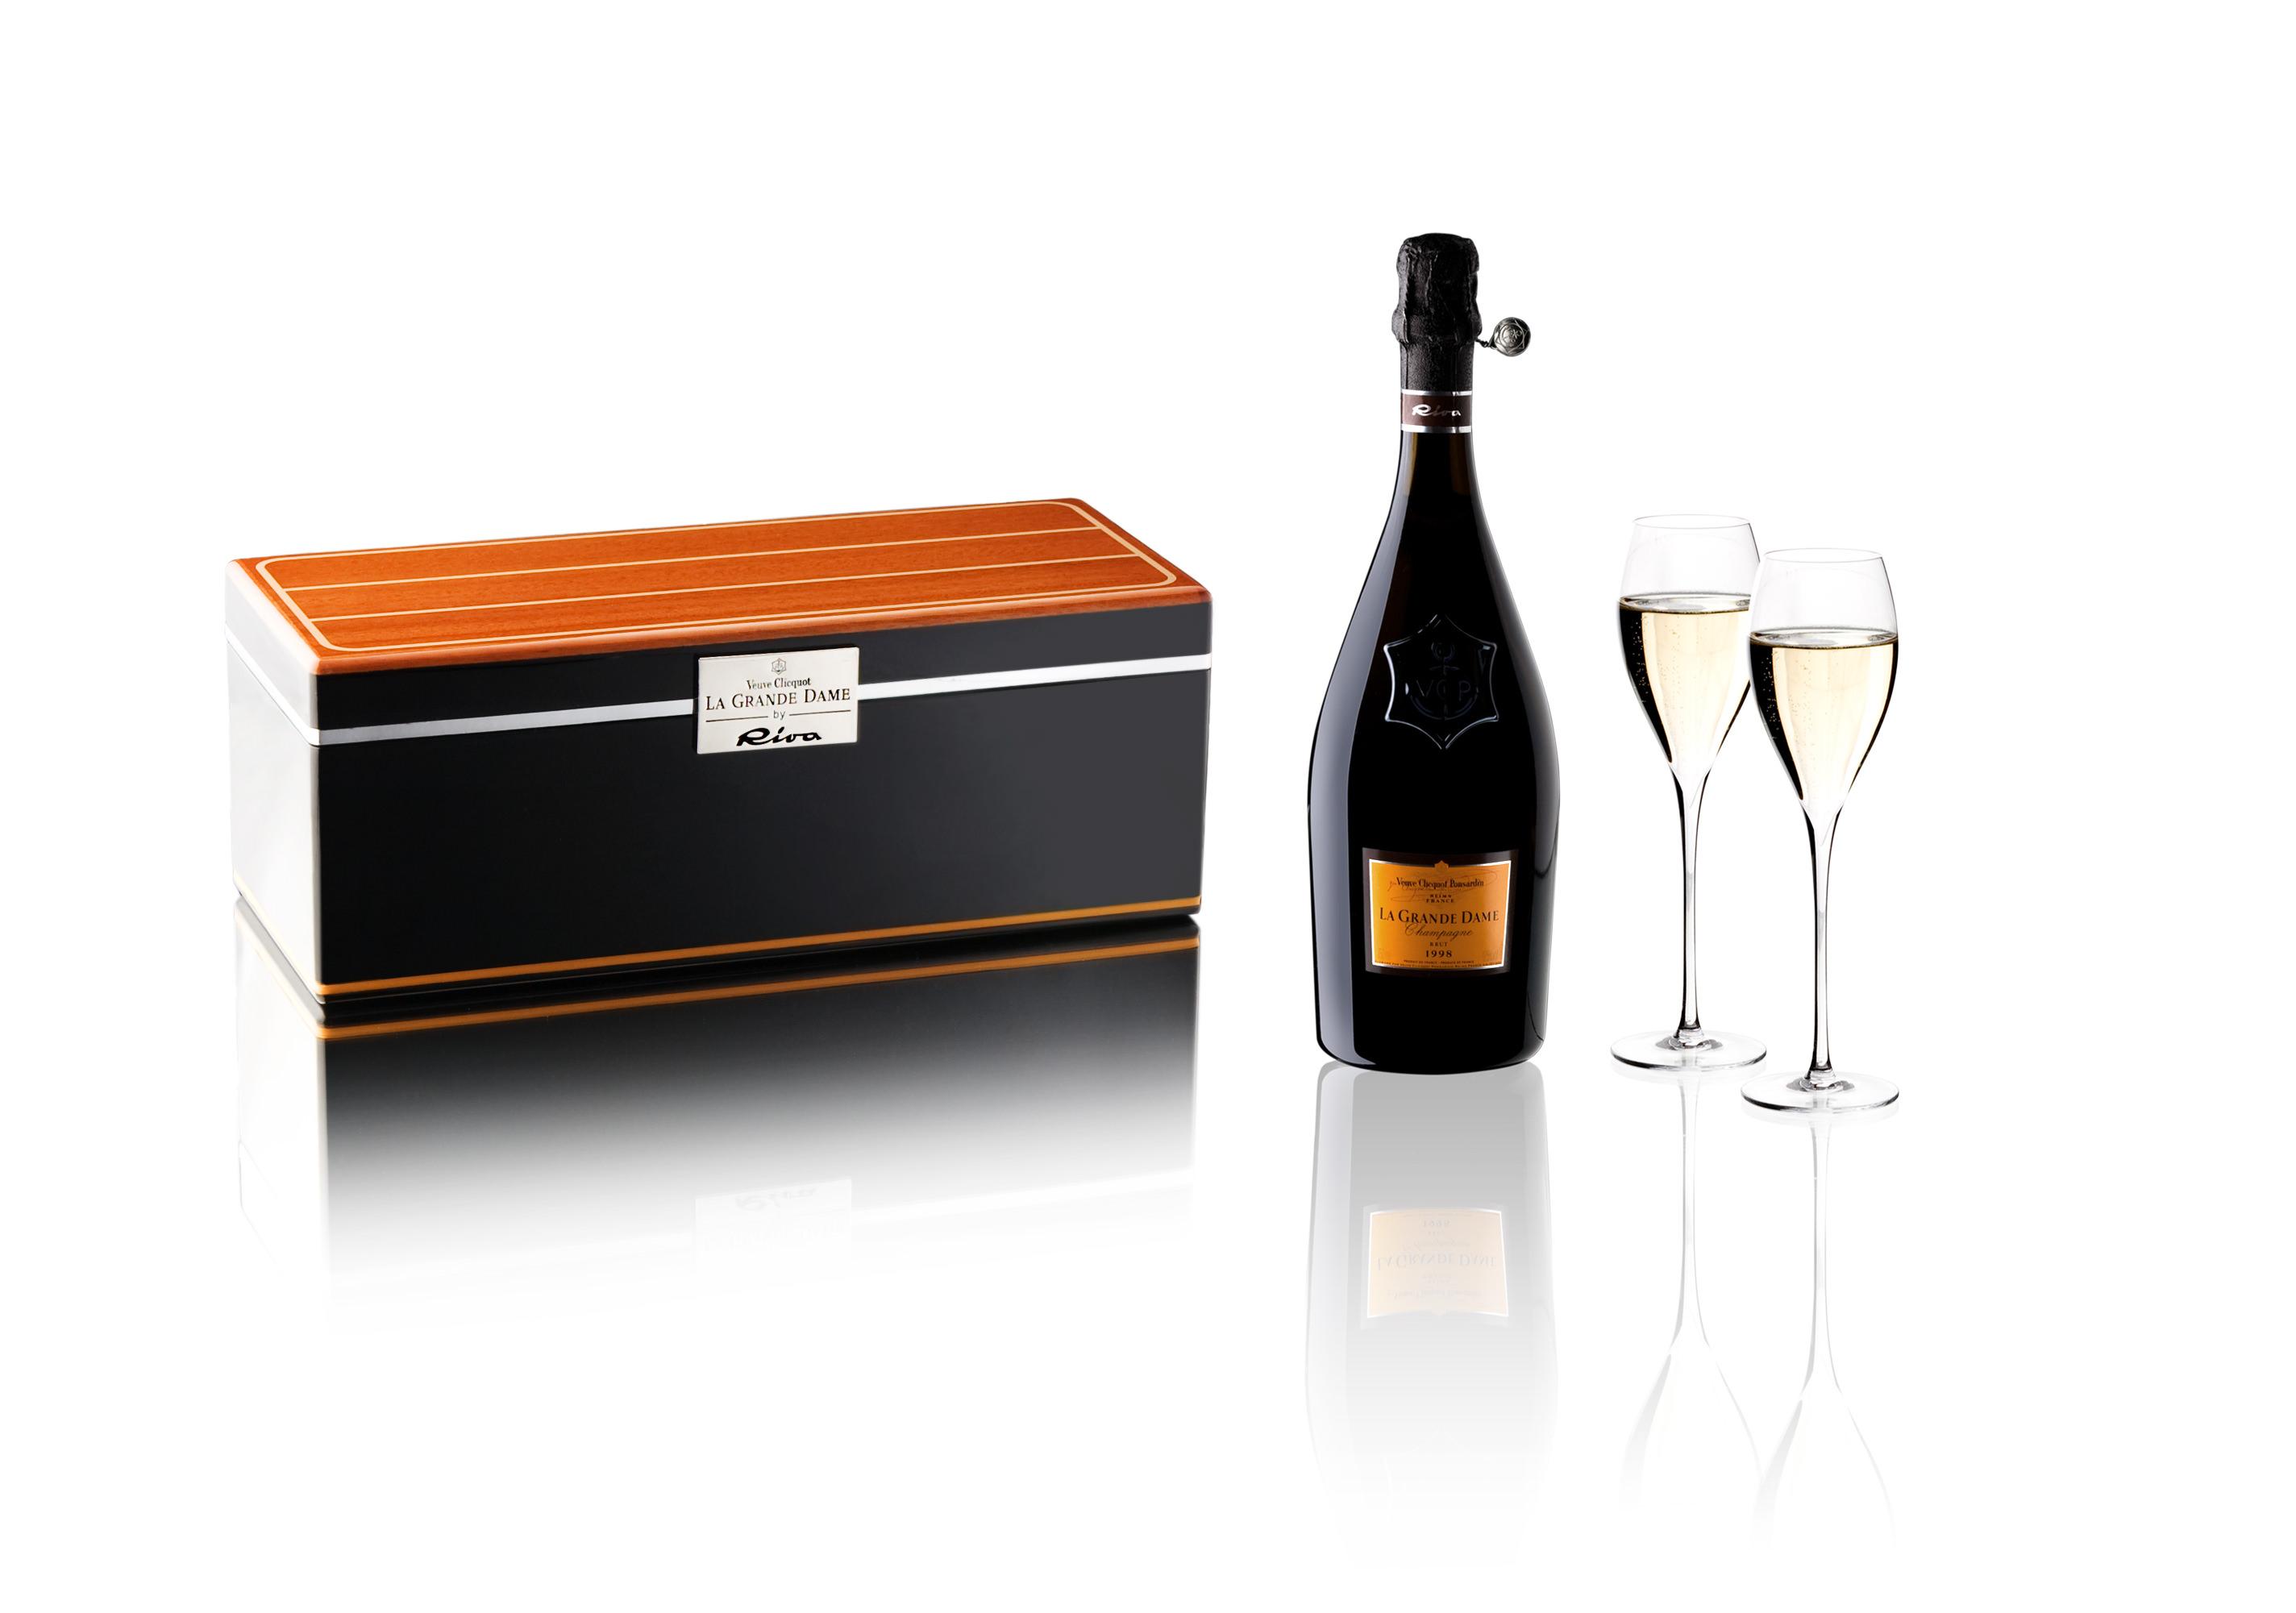 vc cruiser box la grande dame by riva - Veuve Clicquot «La Grande Dame by Riva Cruiser BOX»